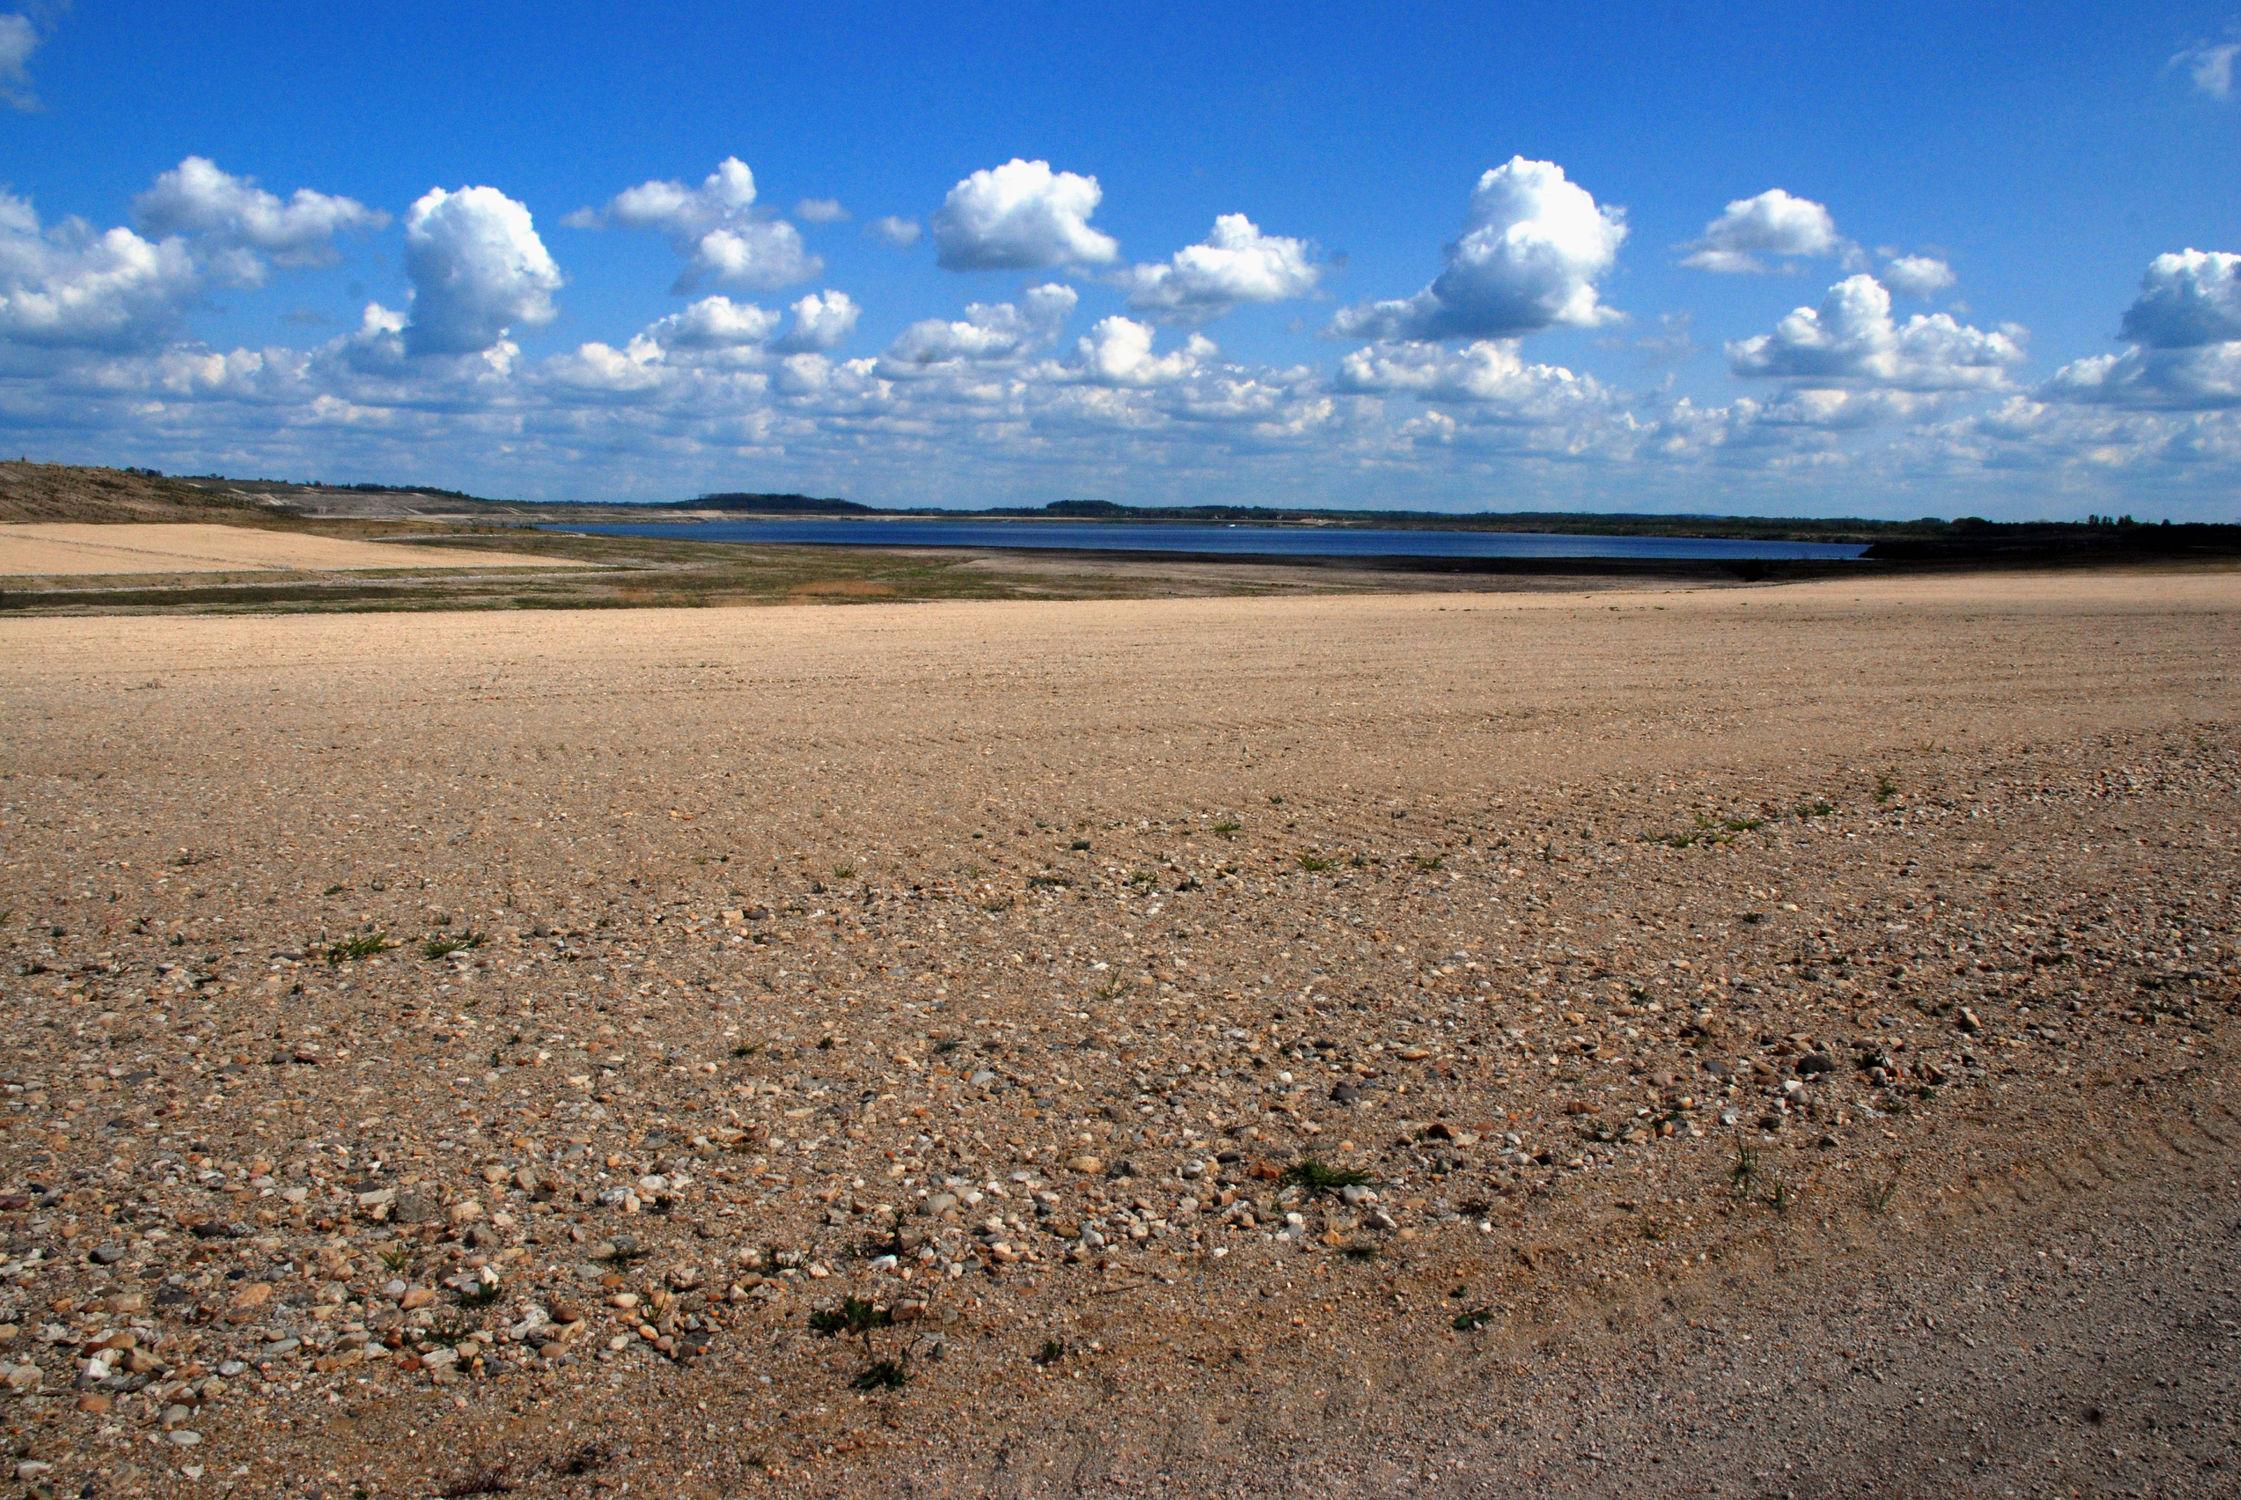 Bild mit Wasser, Sand, Urlaub, Strand, Sandstrand, Ostsee, Meer, Nordsee, See